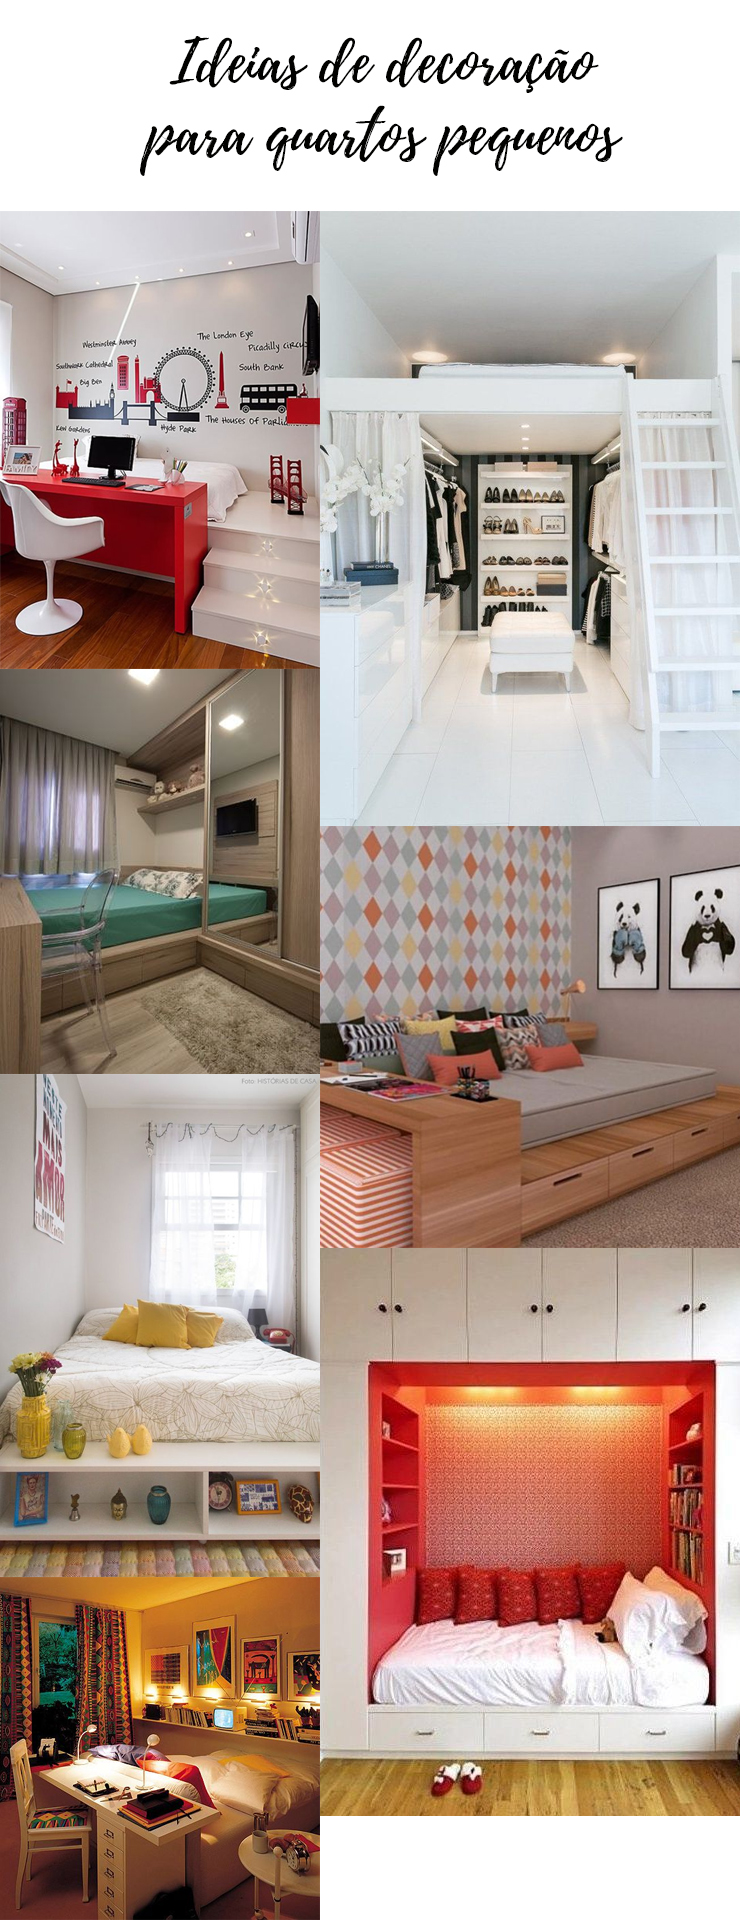 ideias de decoração para quartos pequenos - grandes mulheres